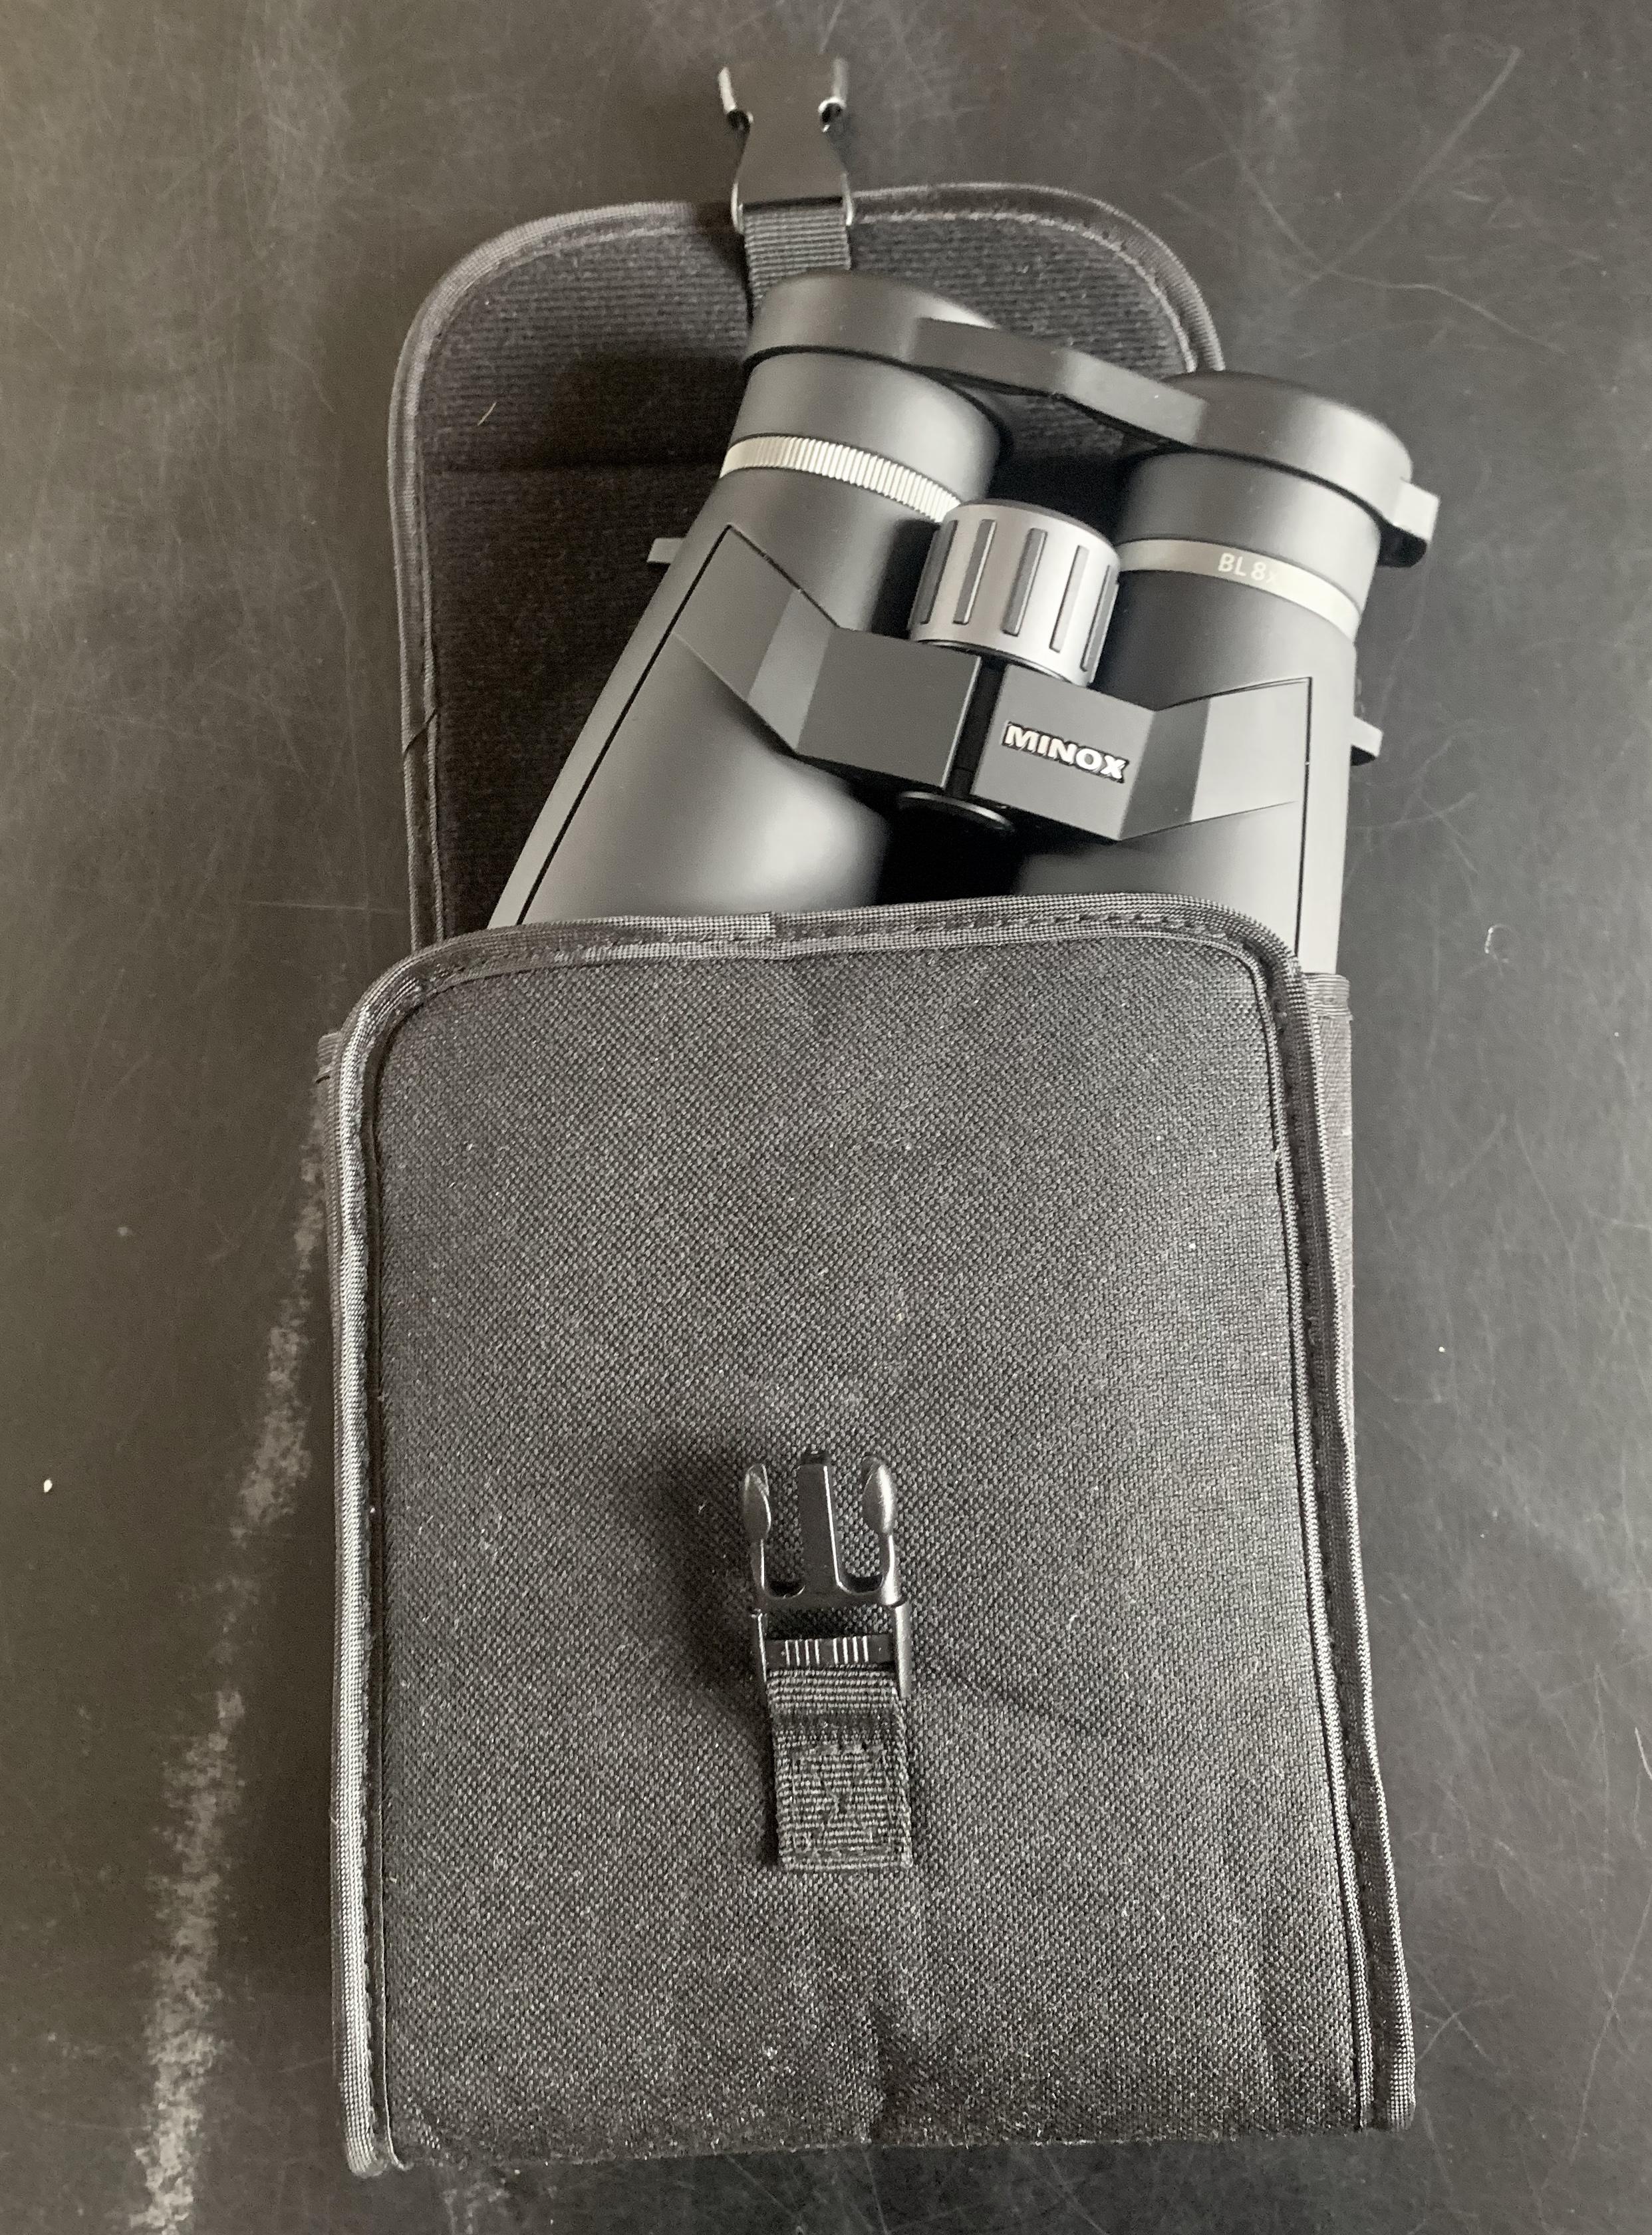 Minox väska.jpg